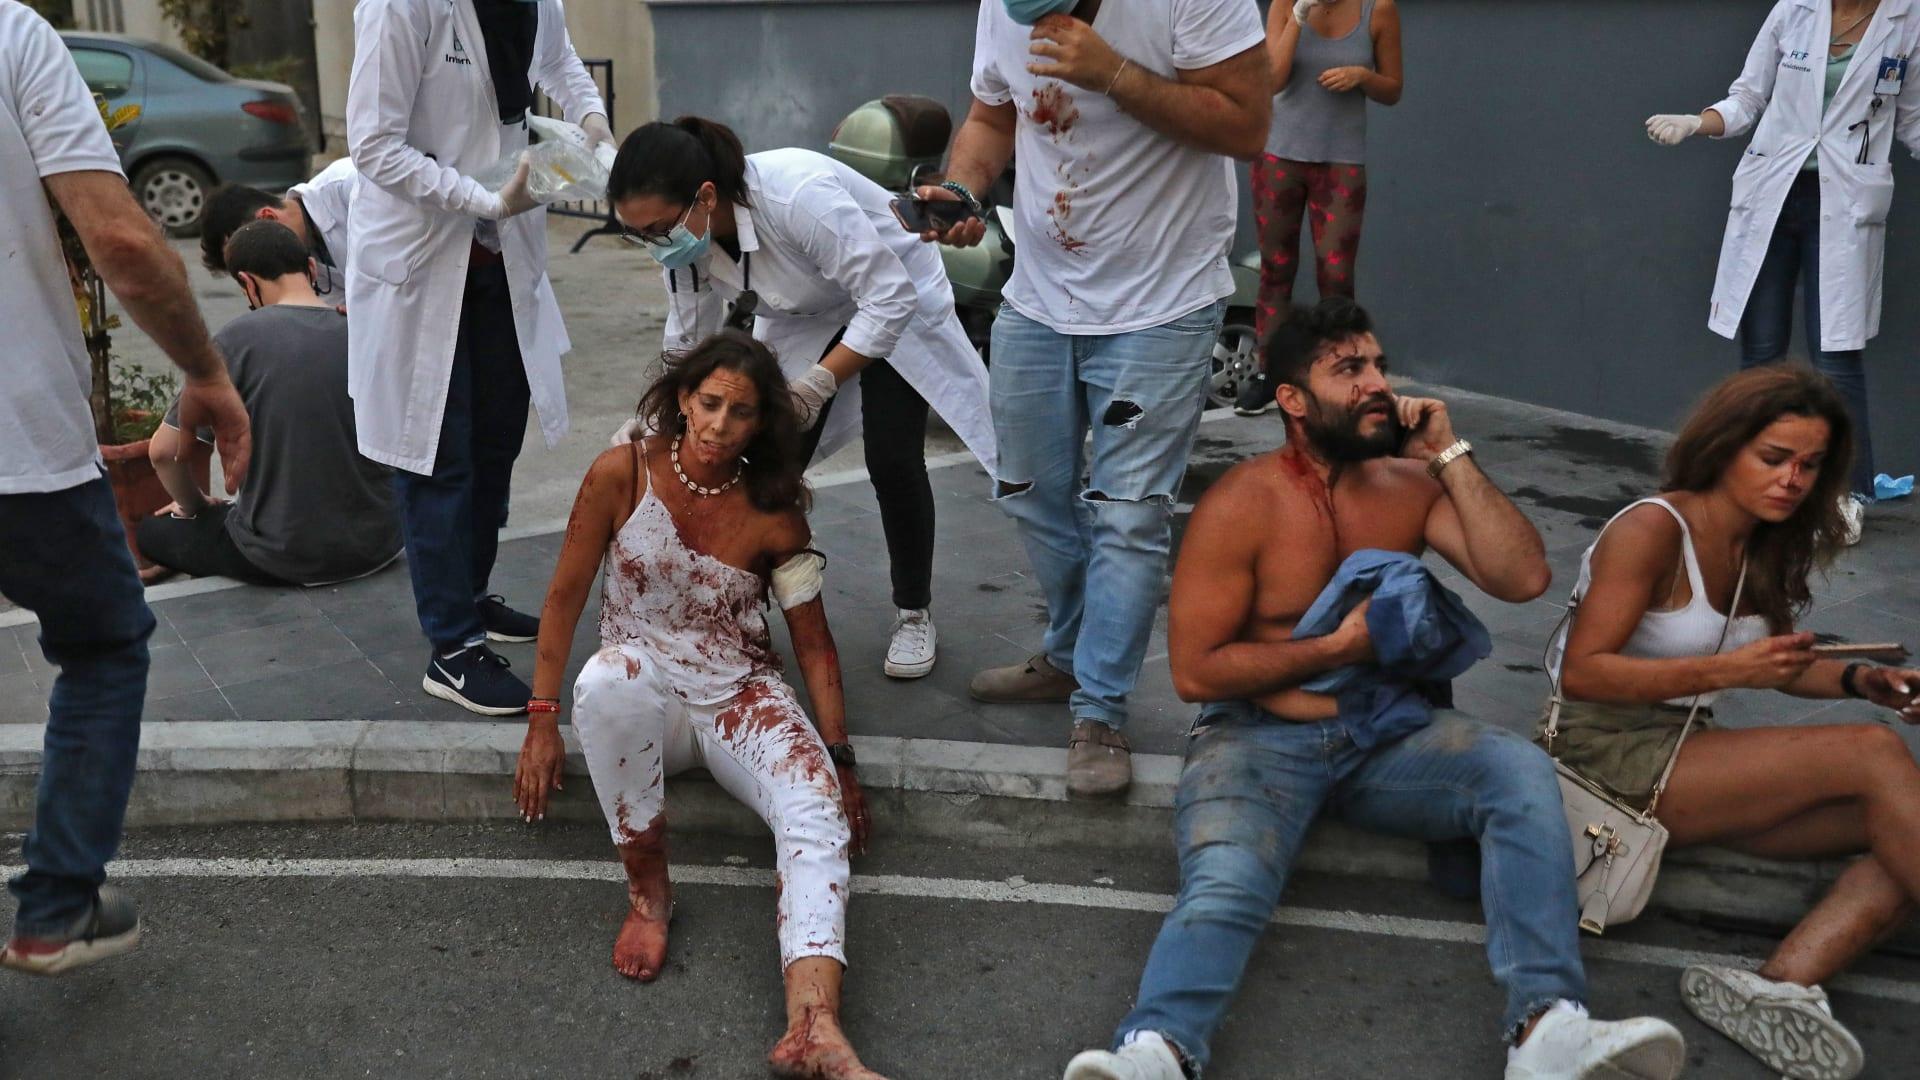 وزير الصحة اللبناني: ارتفاع عدد ضحايا انفجار مرفأ بيروت إلى 154 قتيلا